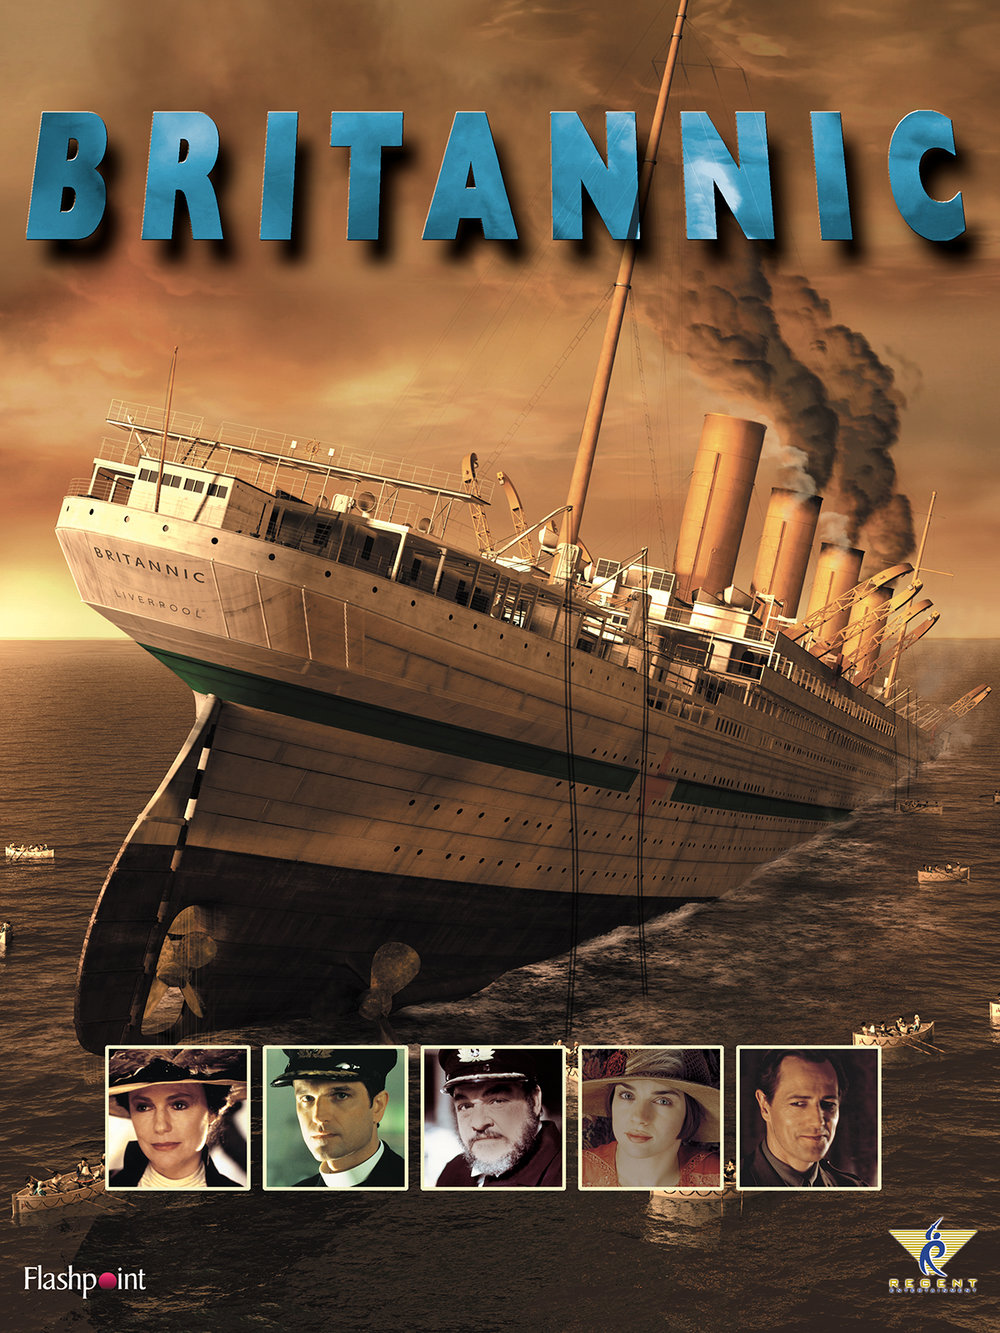 Here-Britannic-Full-Image-en-US.jpg